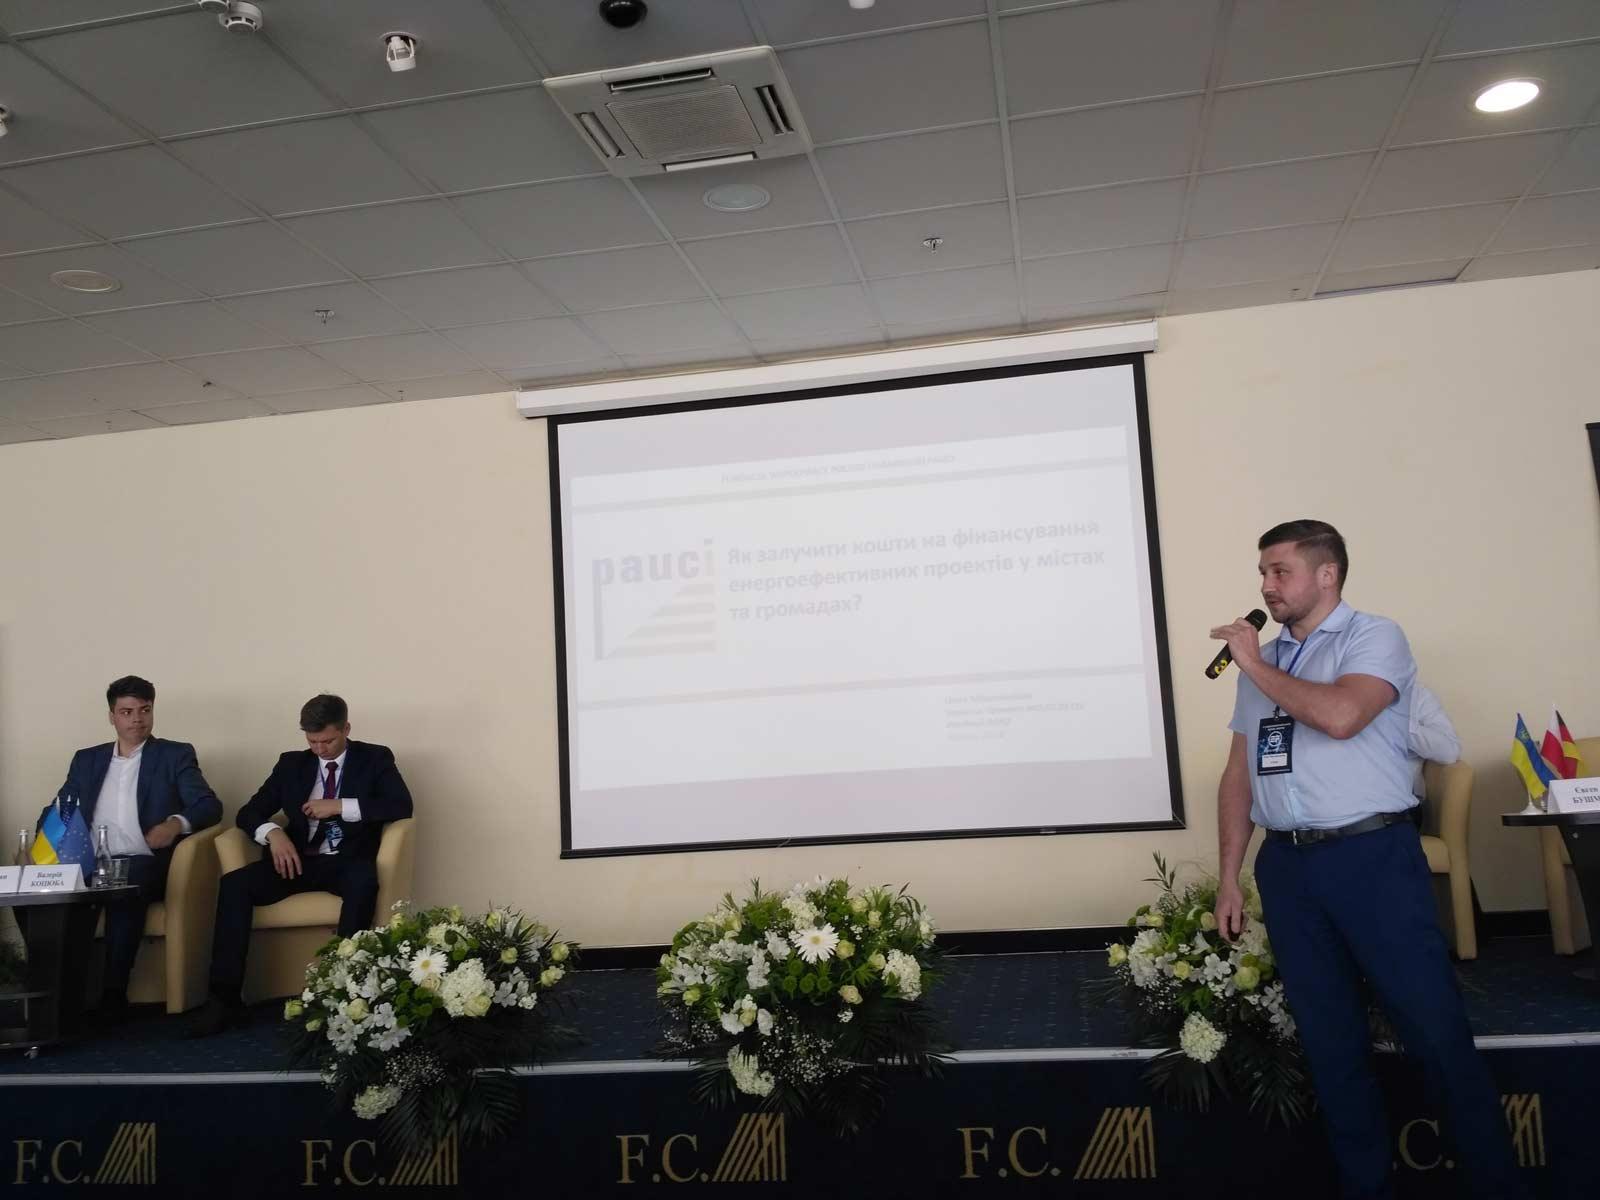 Проекти Фундації ПАУСІ були презентовані на Східноєвропейському бізнес-форумі